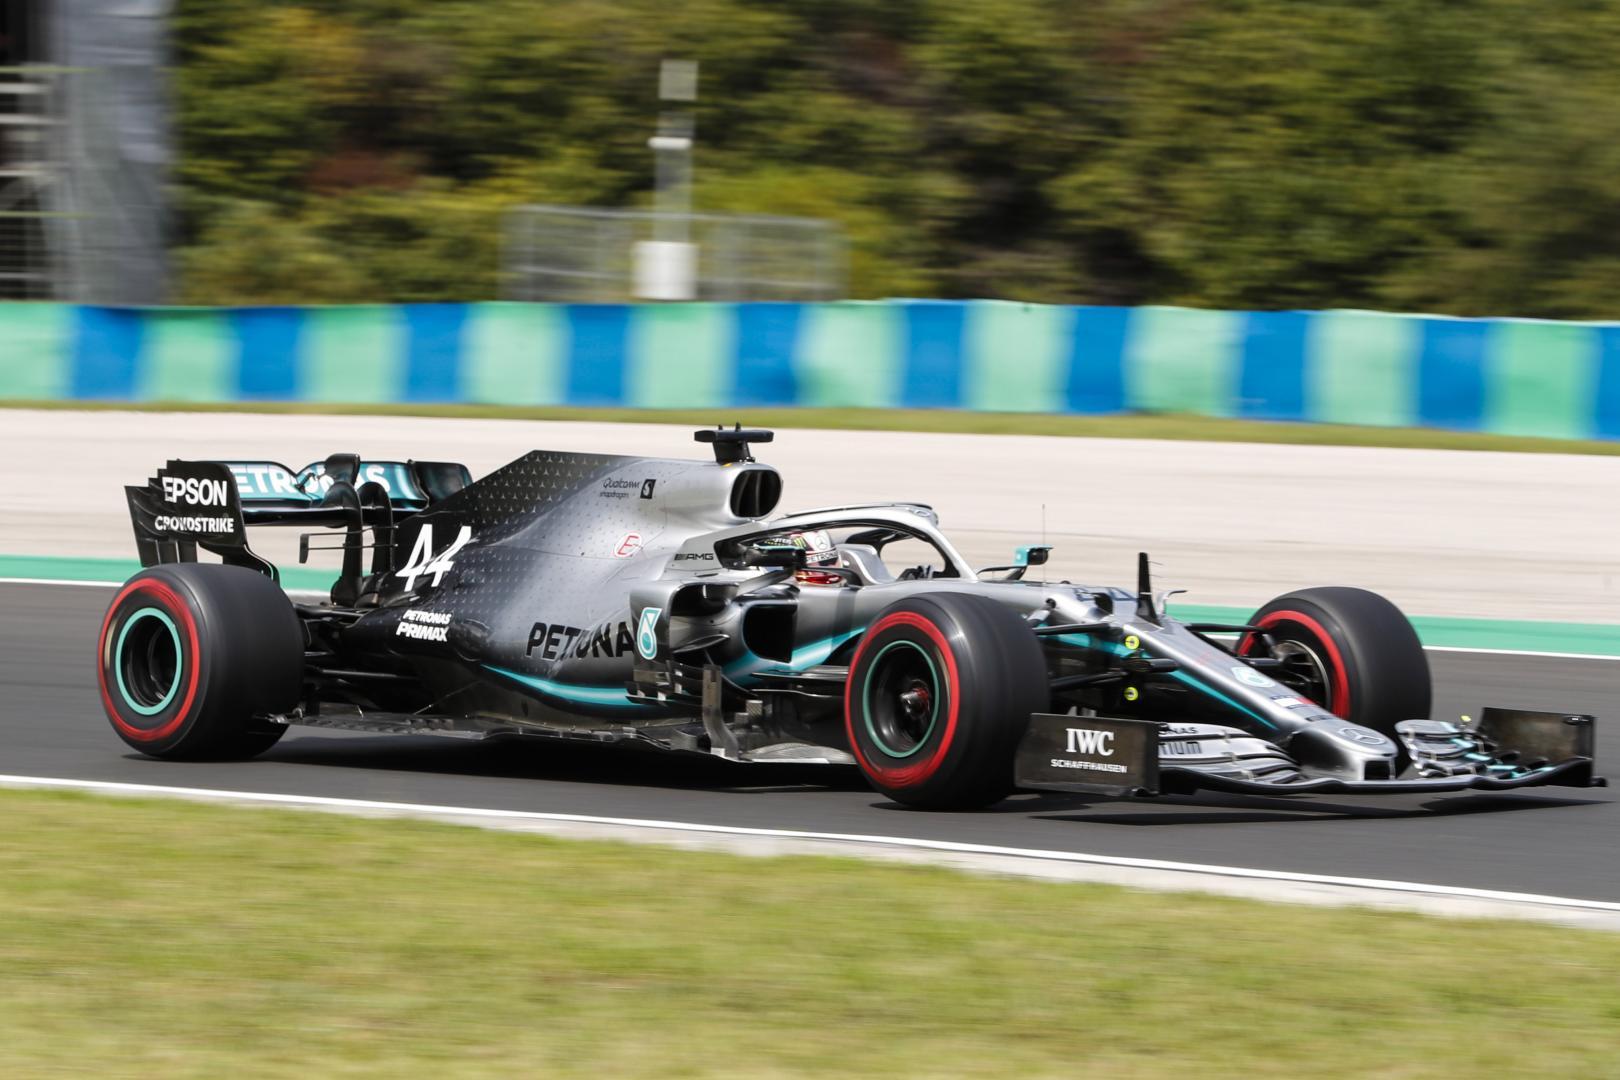 Uitslag van de GP van Hongarije 2019